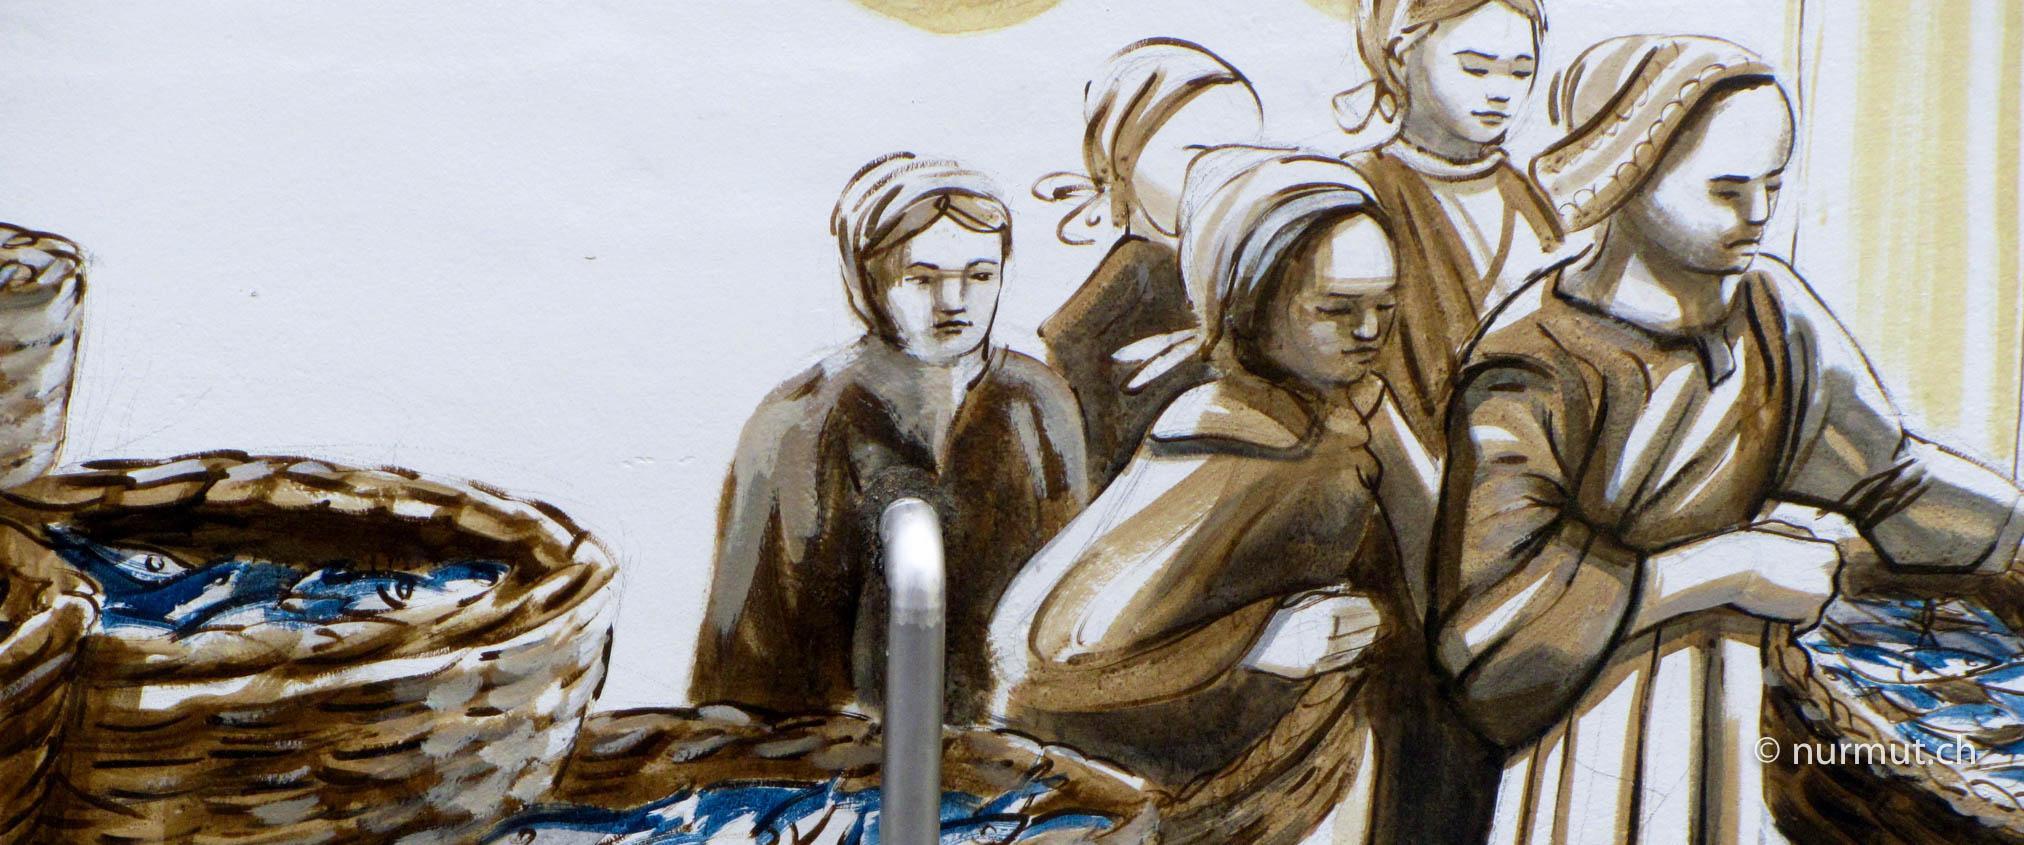 Bretagne-mit-Wohnmobil-und-Hund-Quiberon-Fischersfrauen